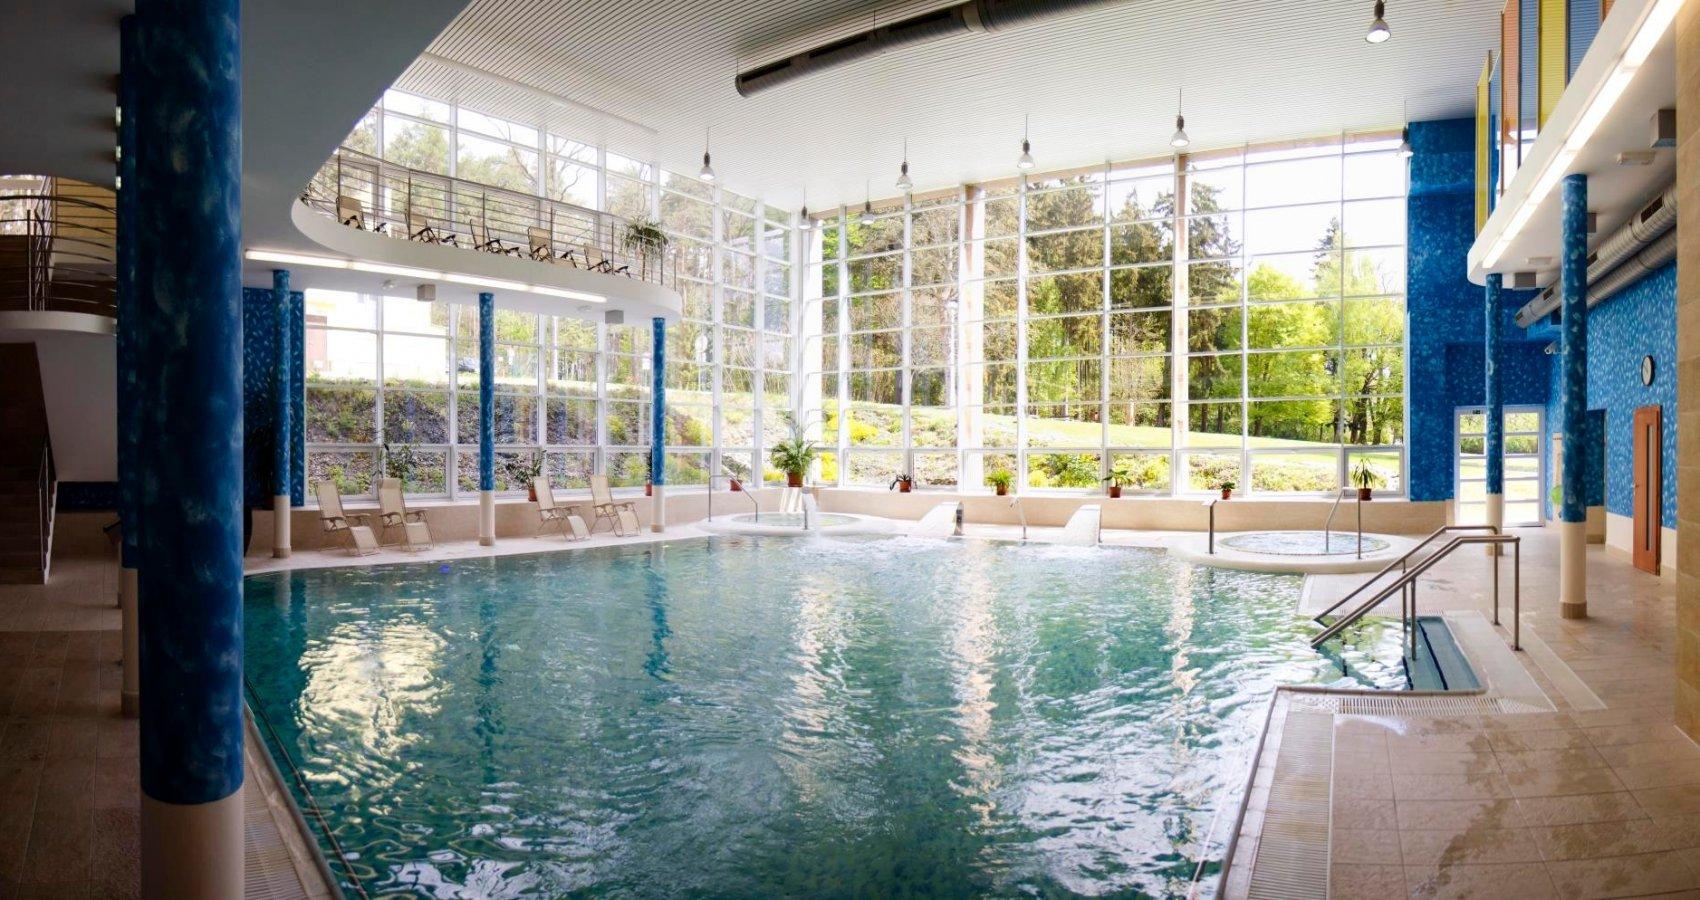 Bazén s protiproudy a vířivky